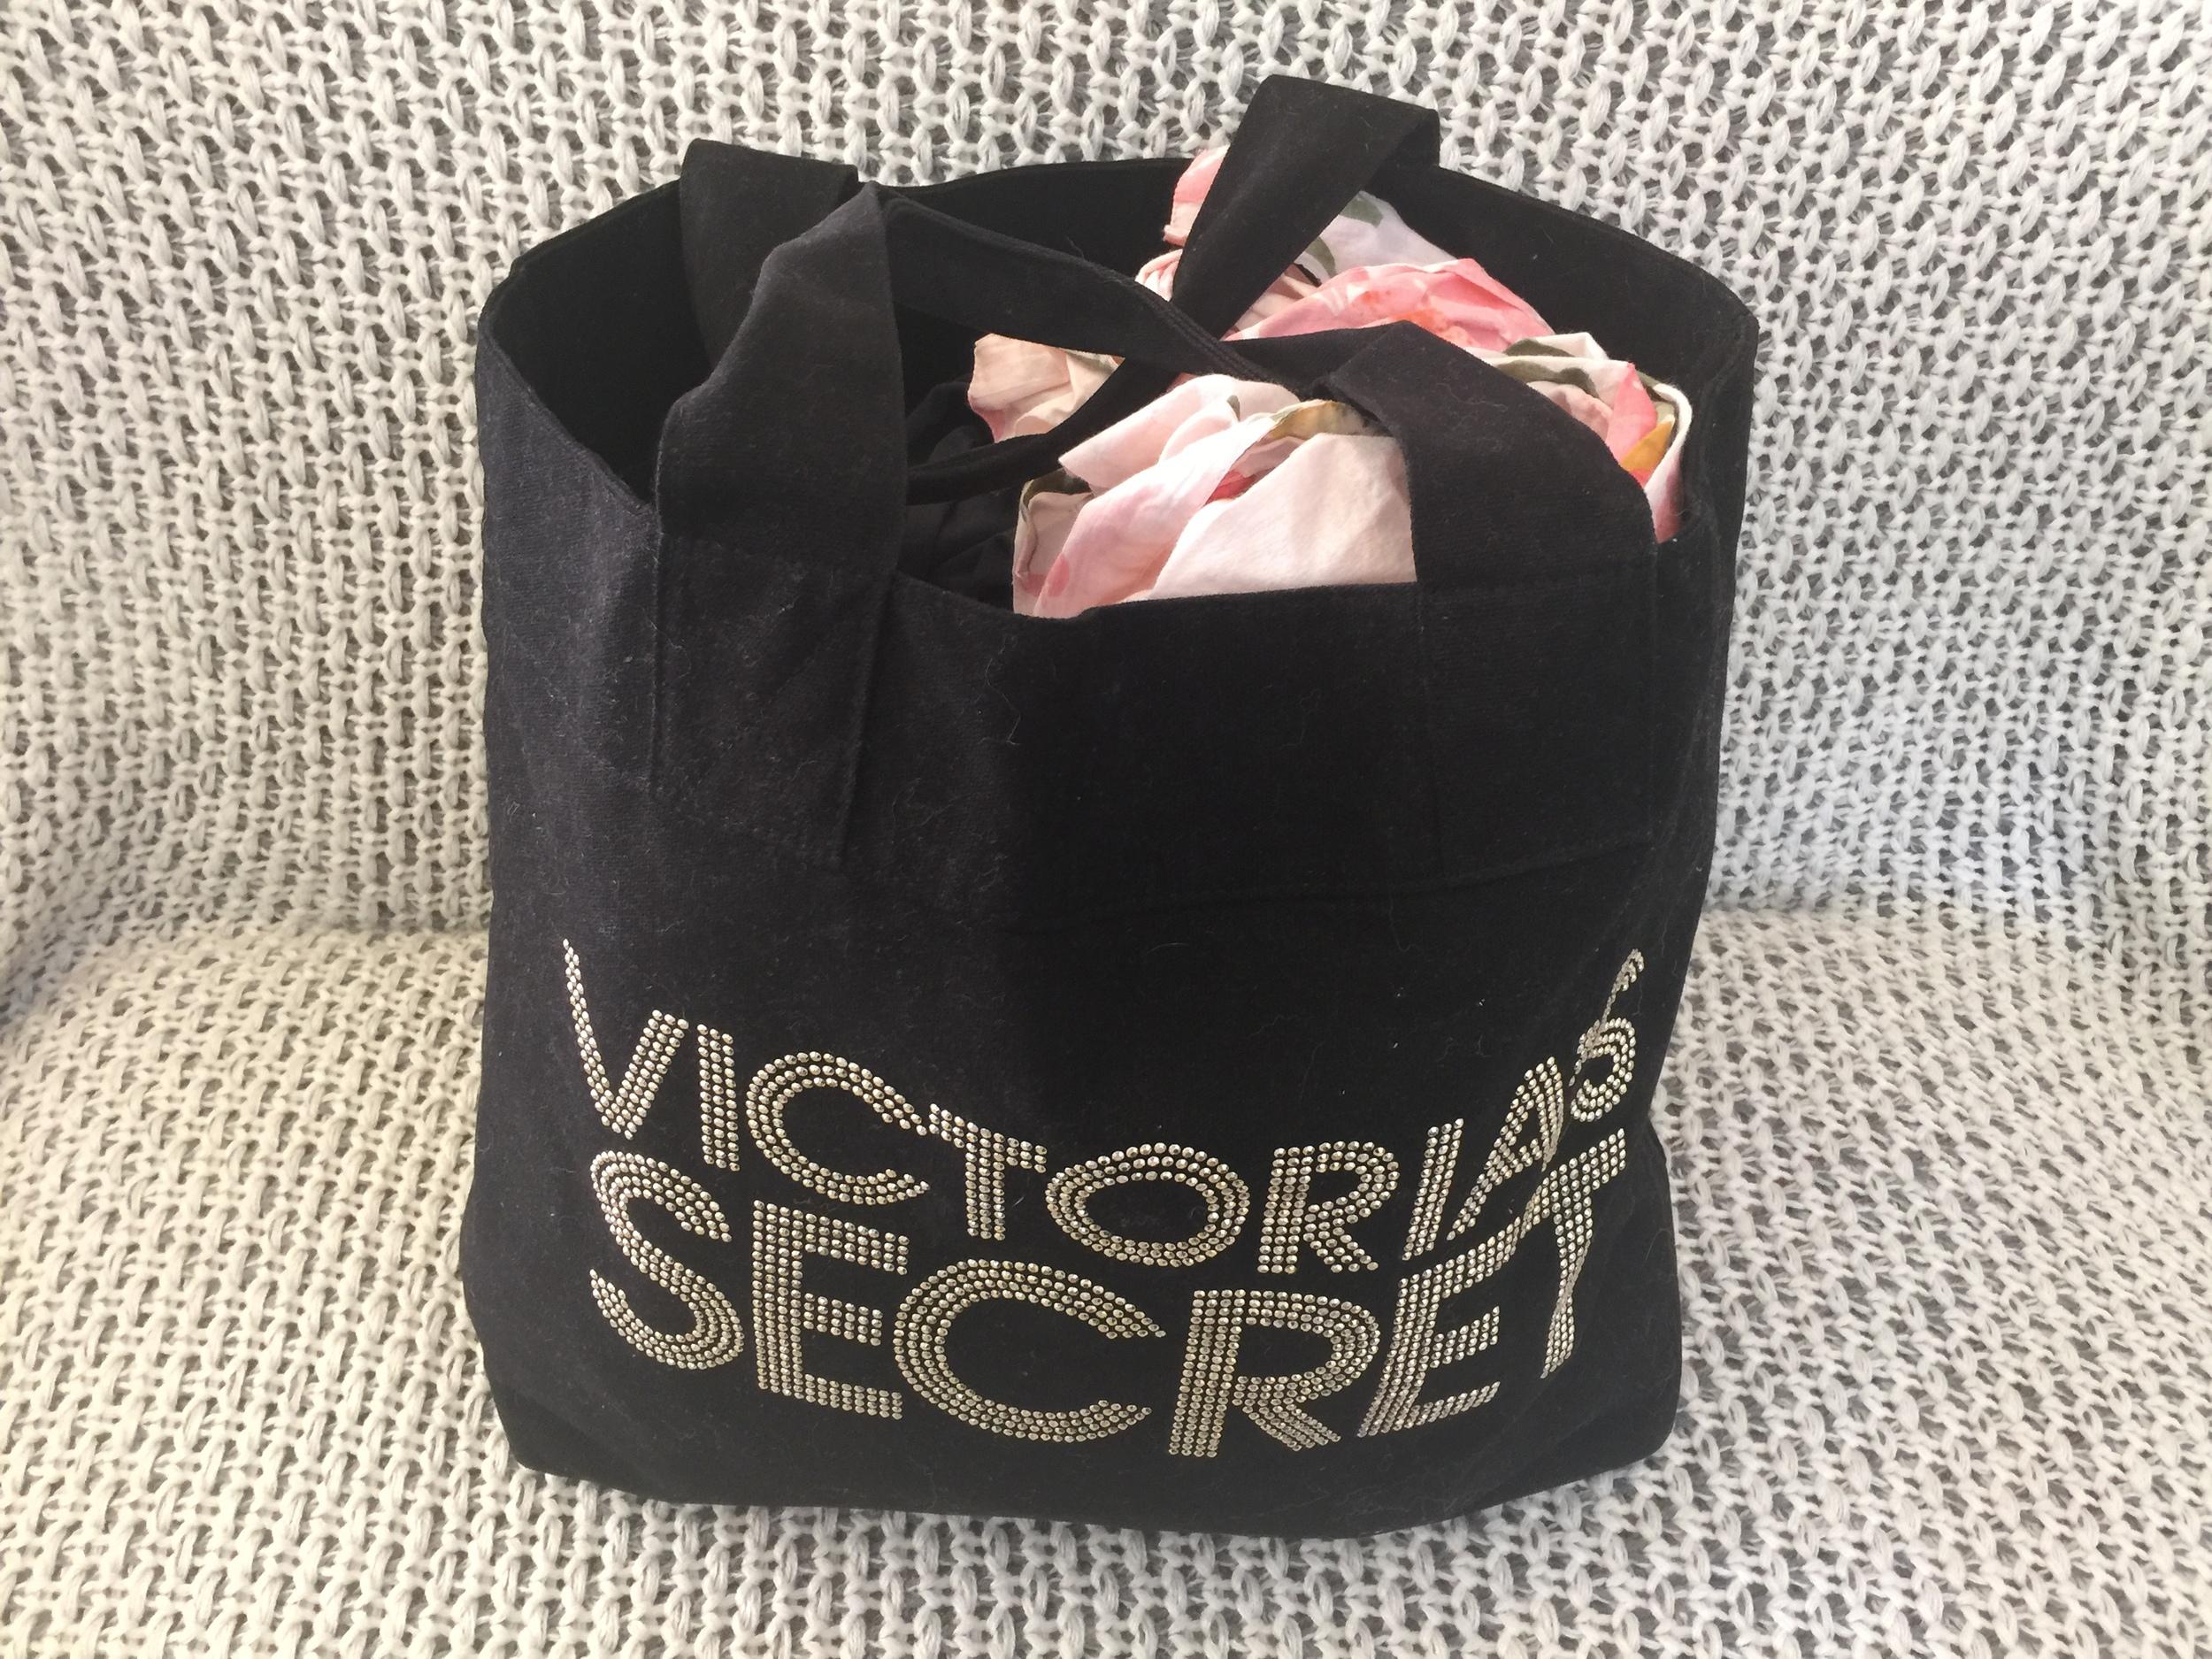 My stylin' hospital bag. ;)